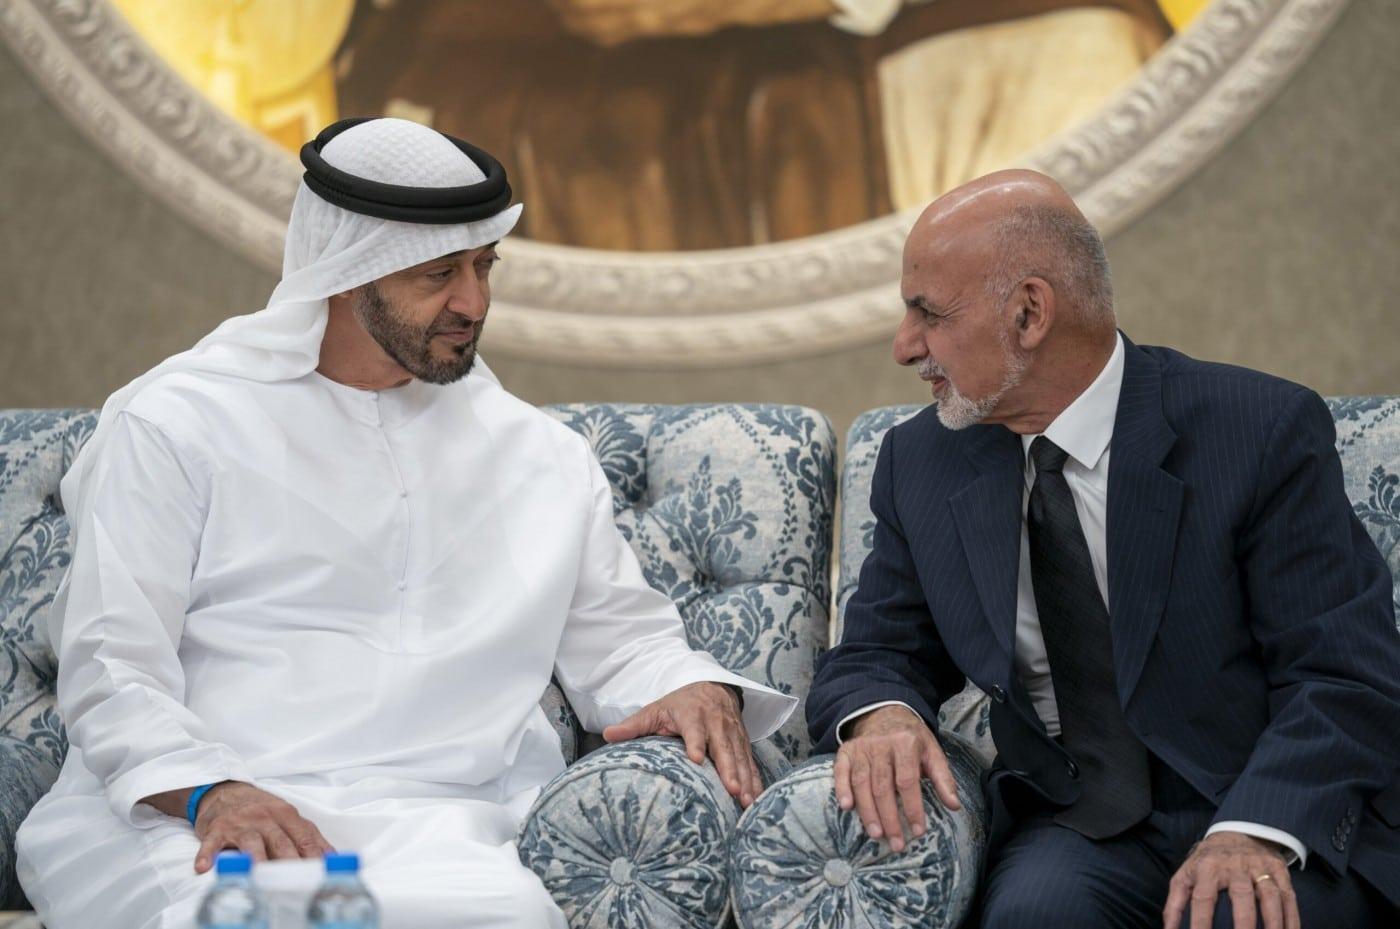 طالبان تدعو الهارب أشرف غني لإعادة الأموال المنهوبة معه إلى الإمارات